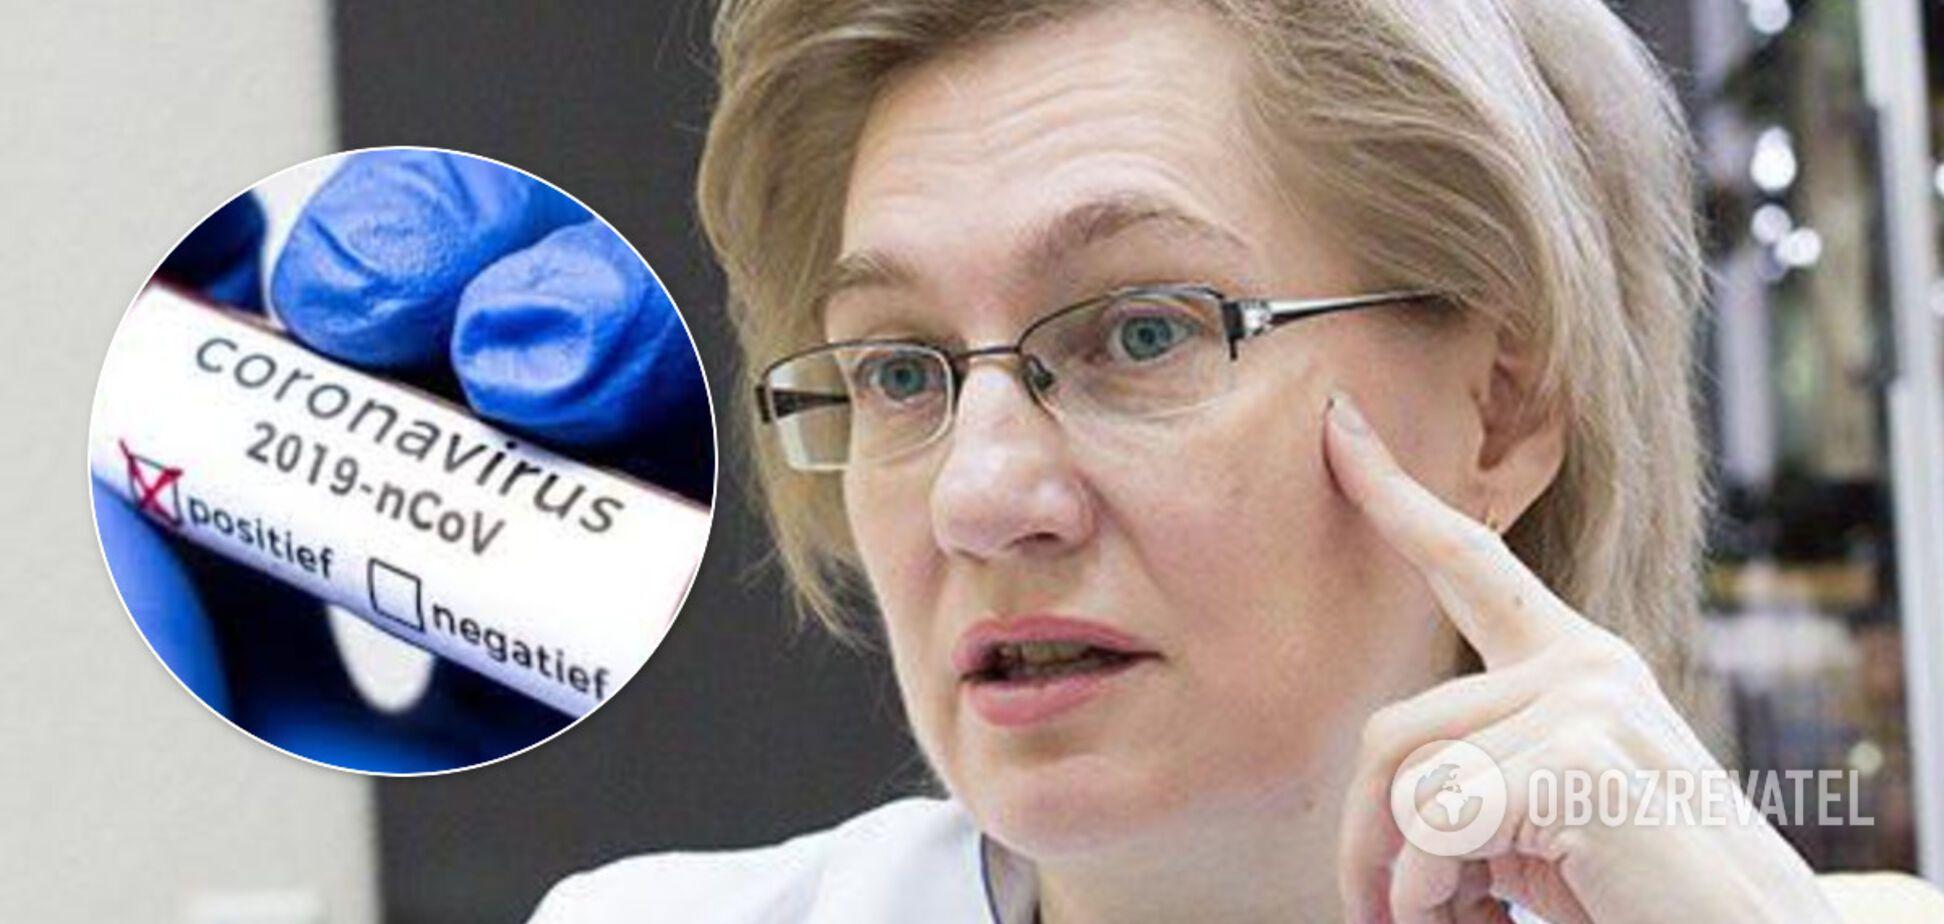 Докторка медицини забила на сполох через неготовність України до коронавірусу